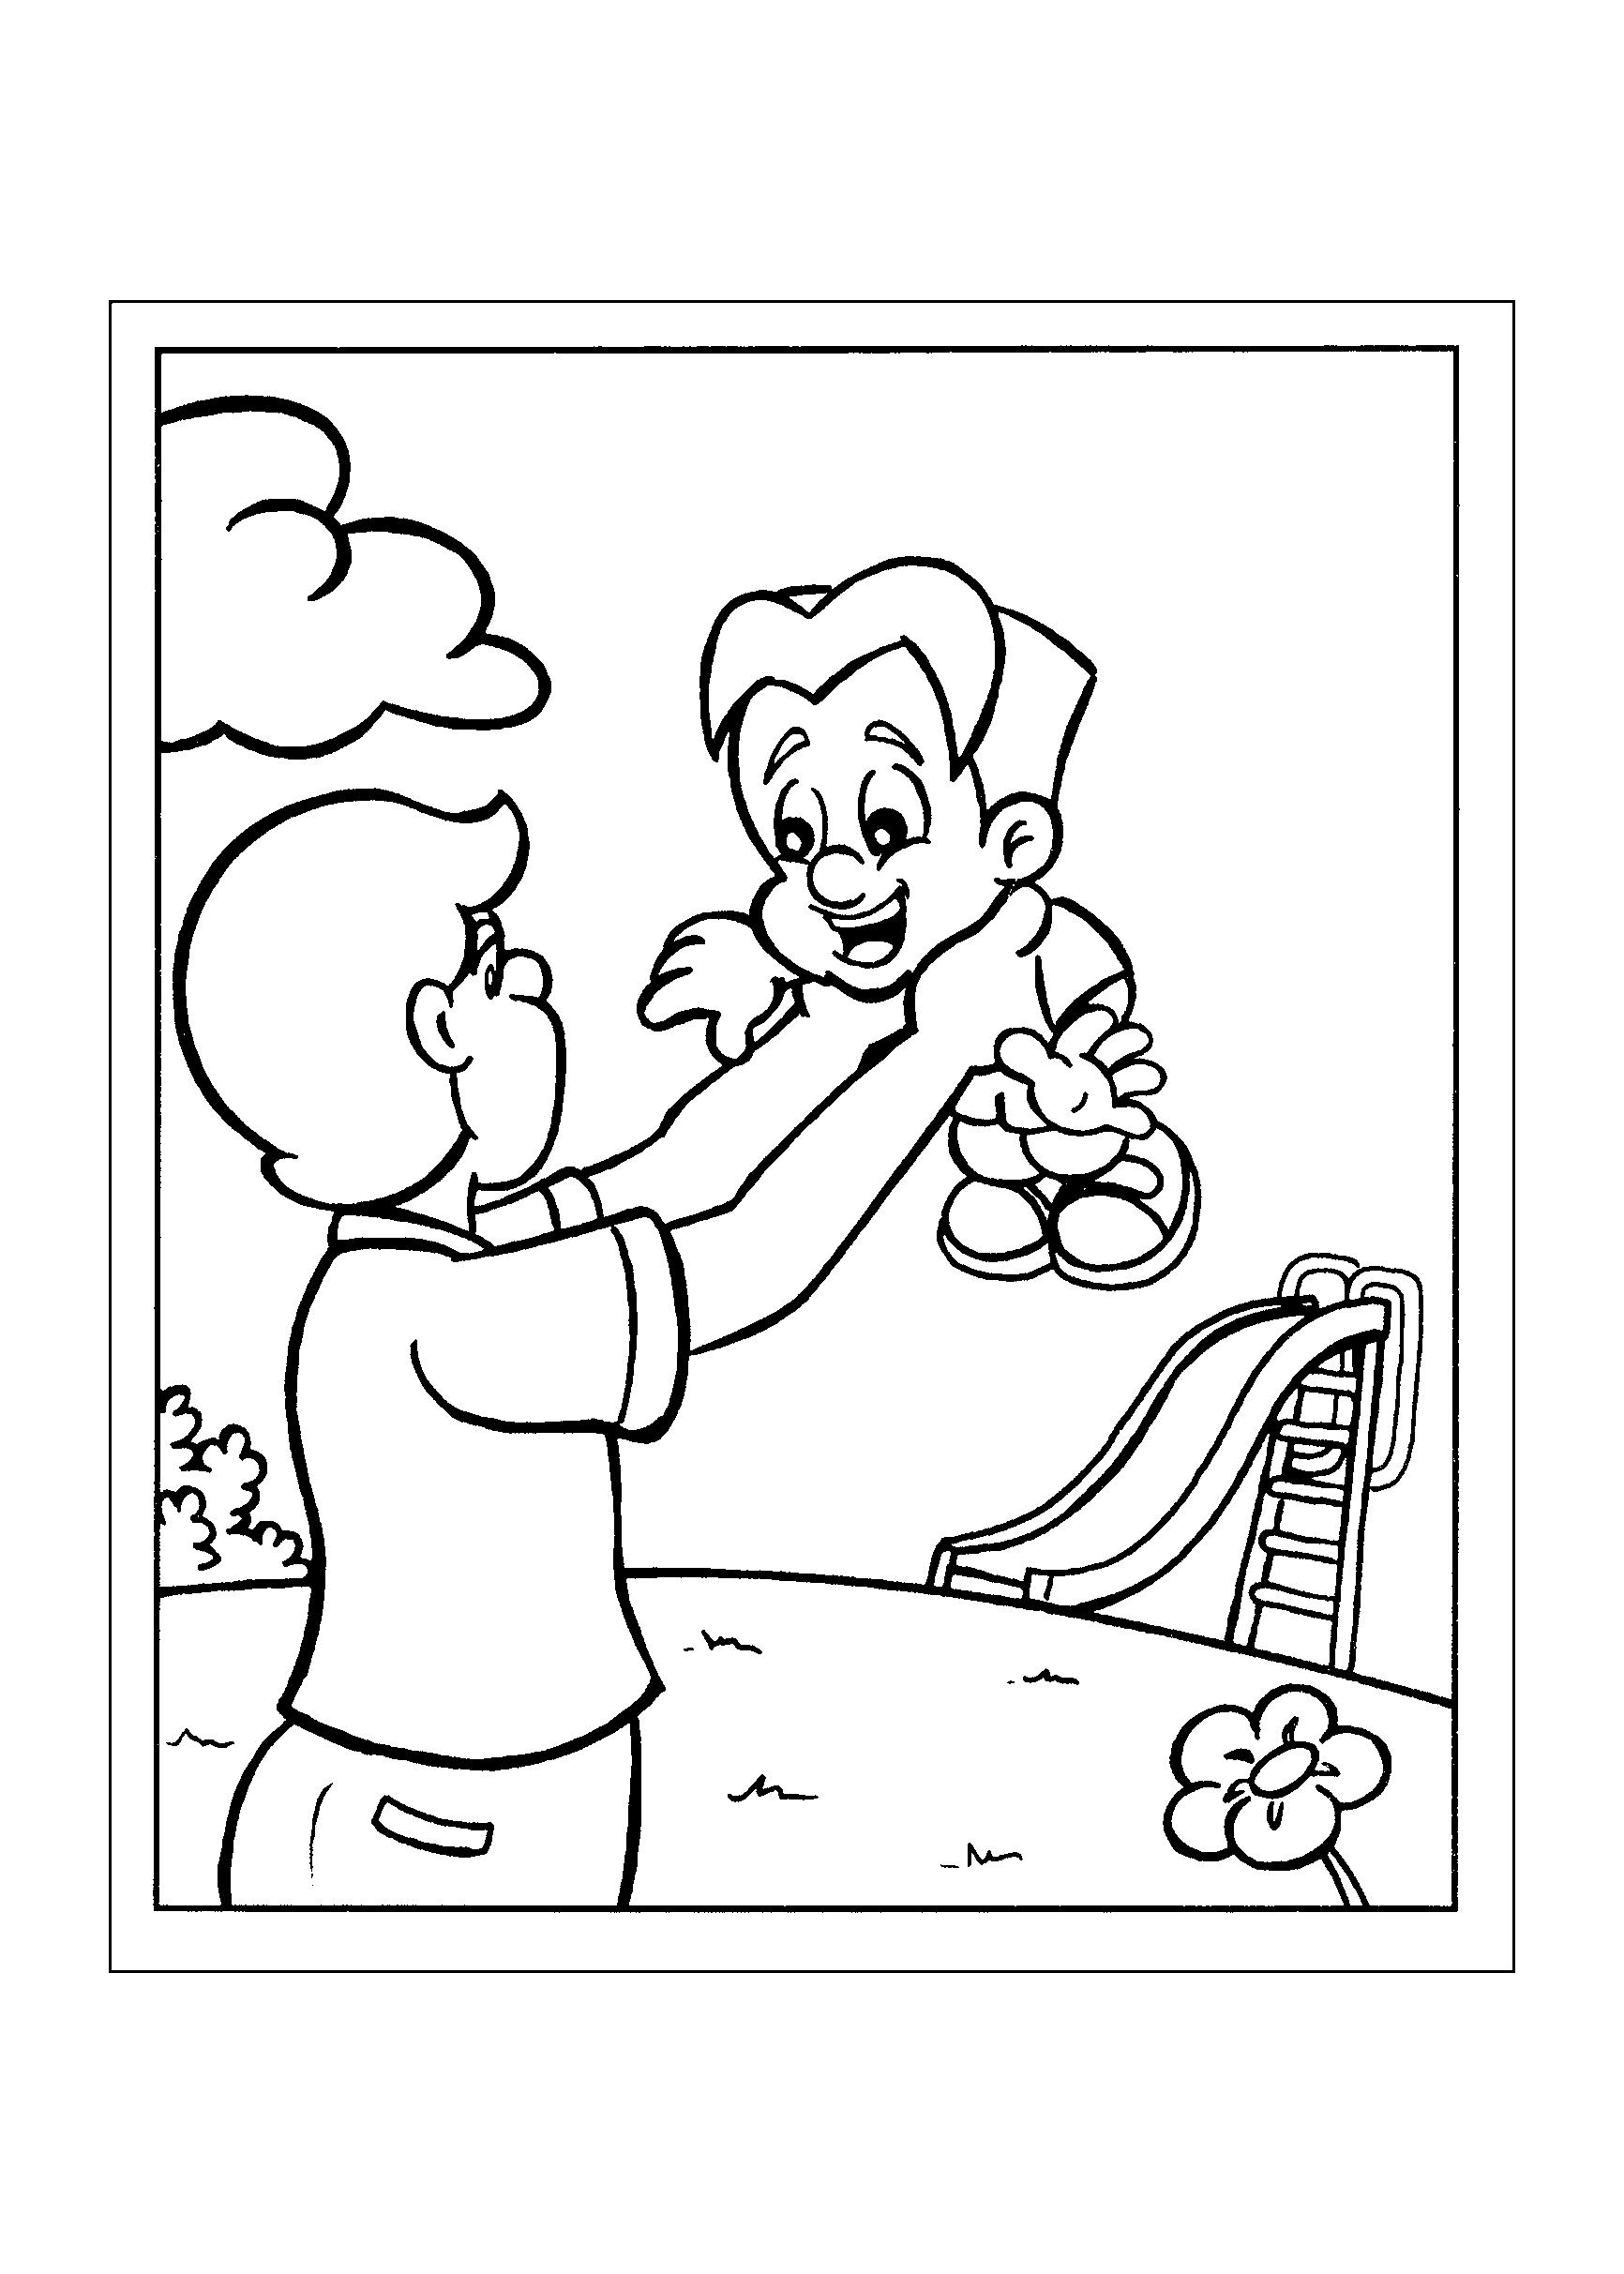 0151-dia-pais-desenho-segurando